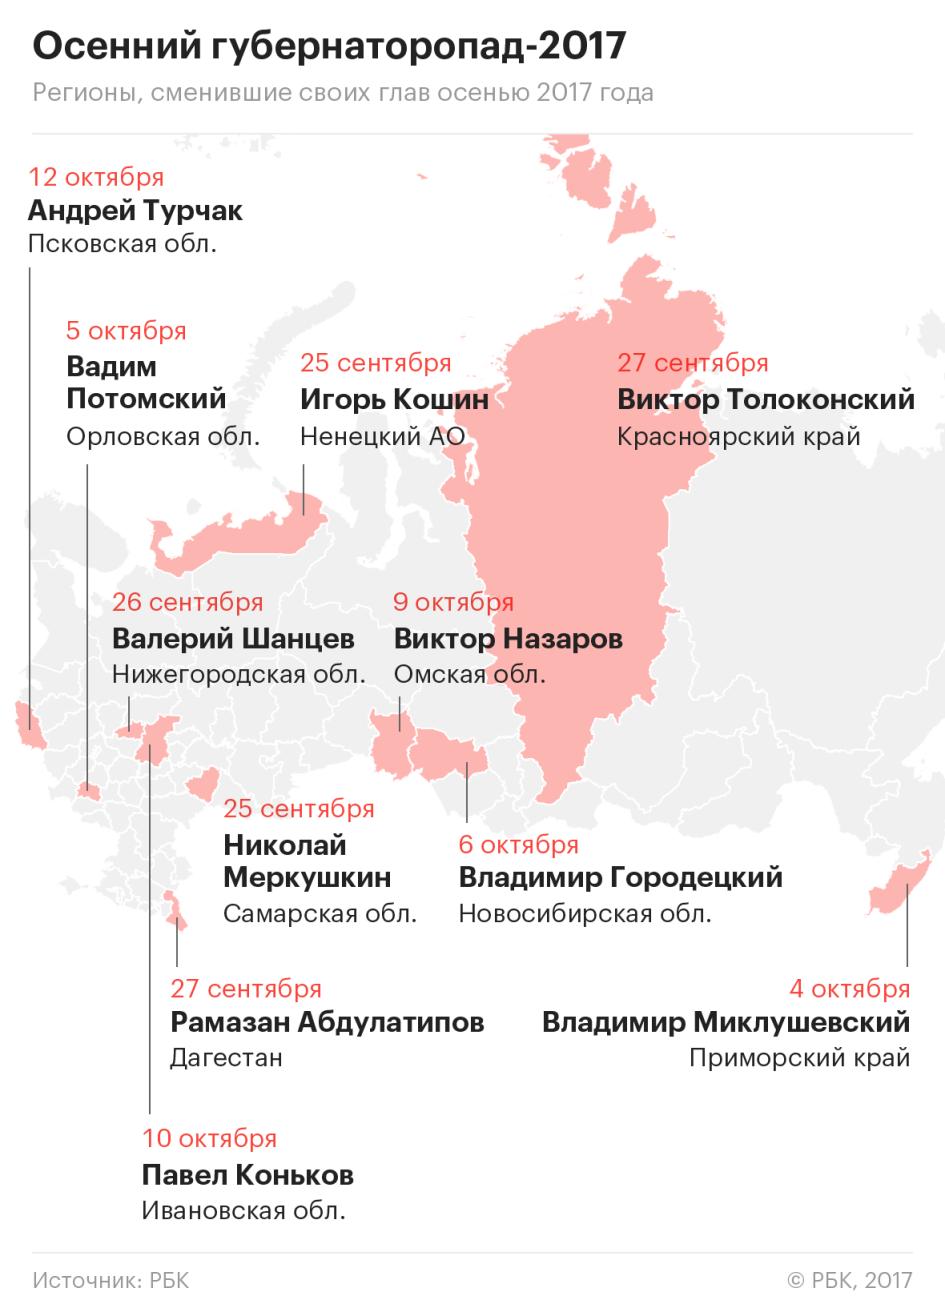 Повышение в «тяжелый регион»: кто стал новым псковским губернатором